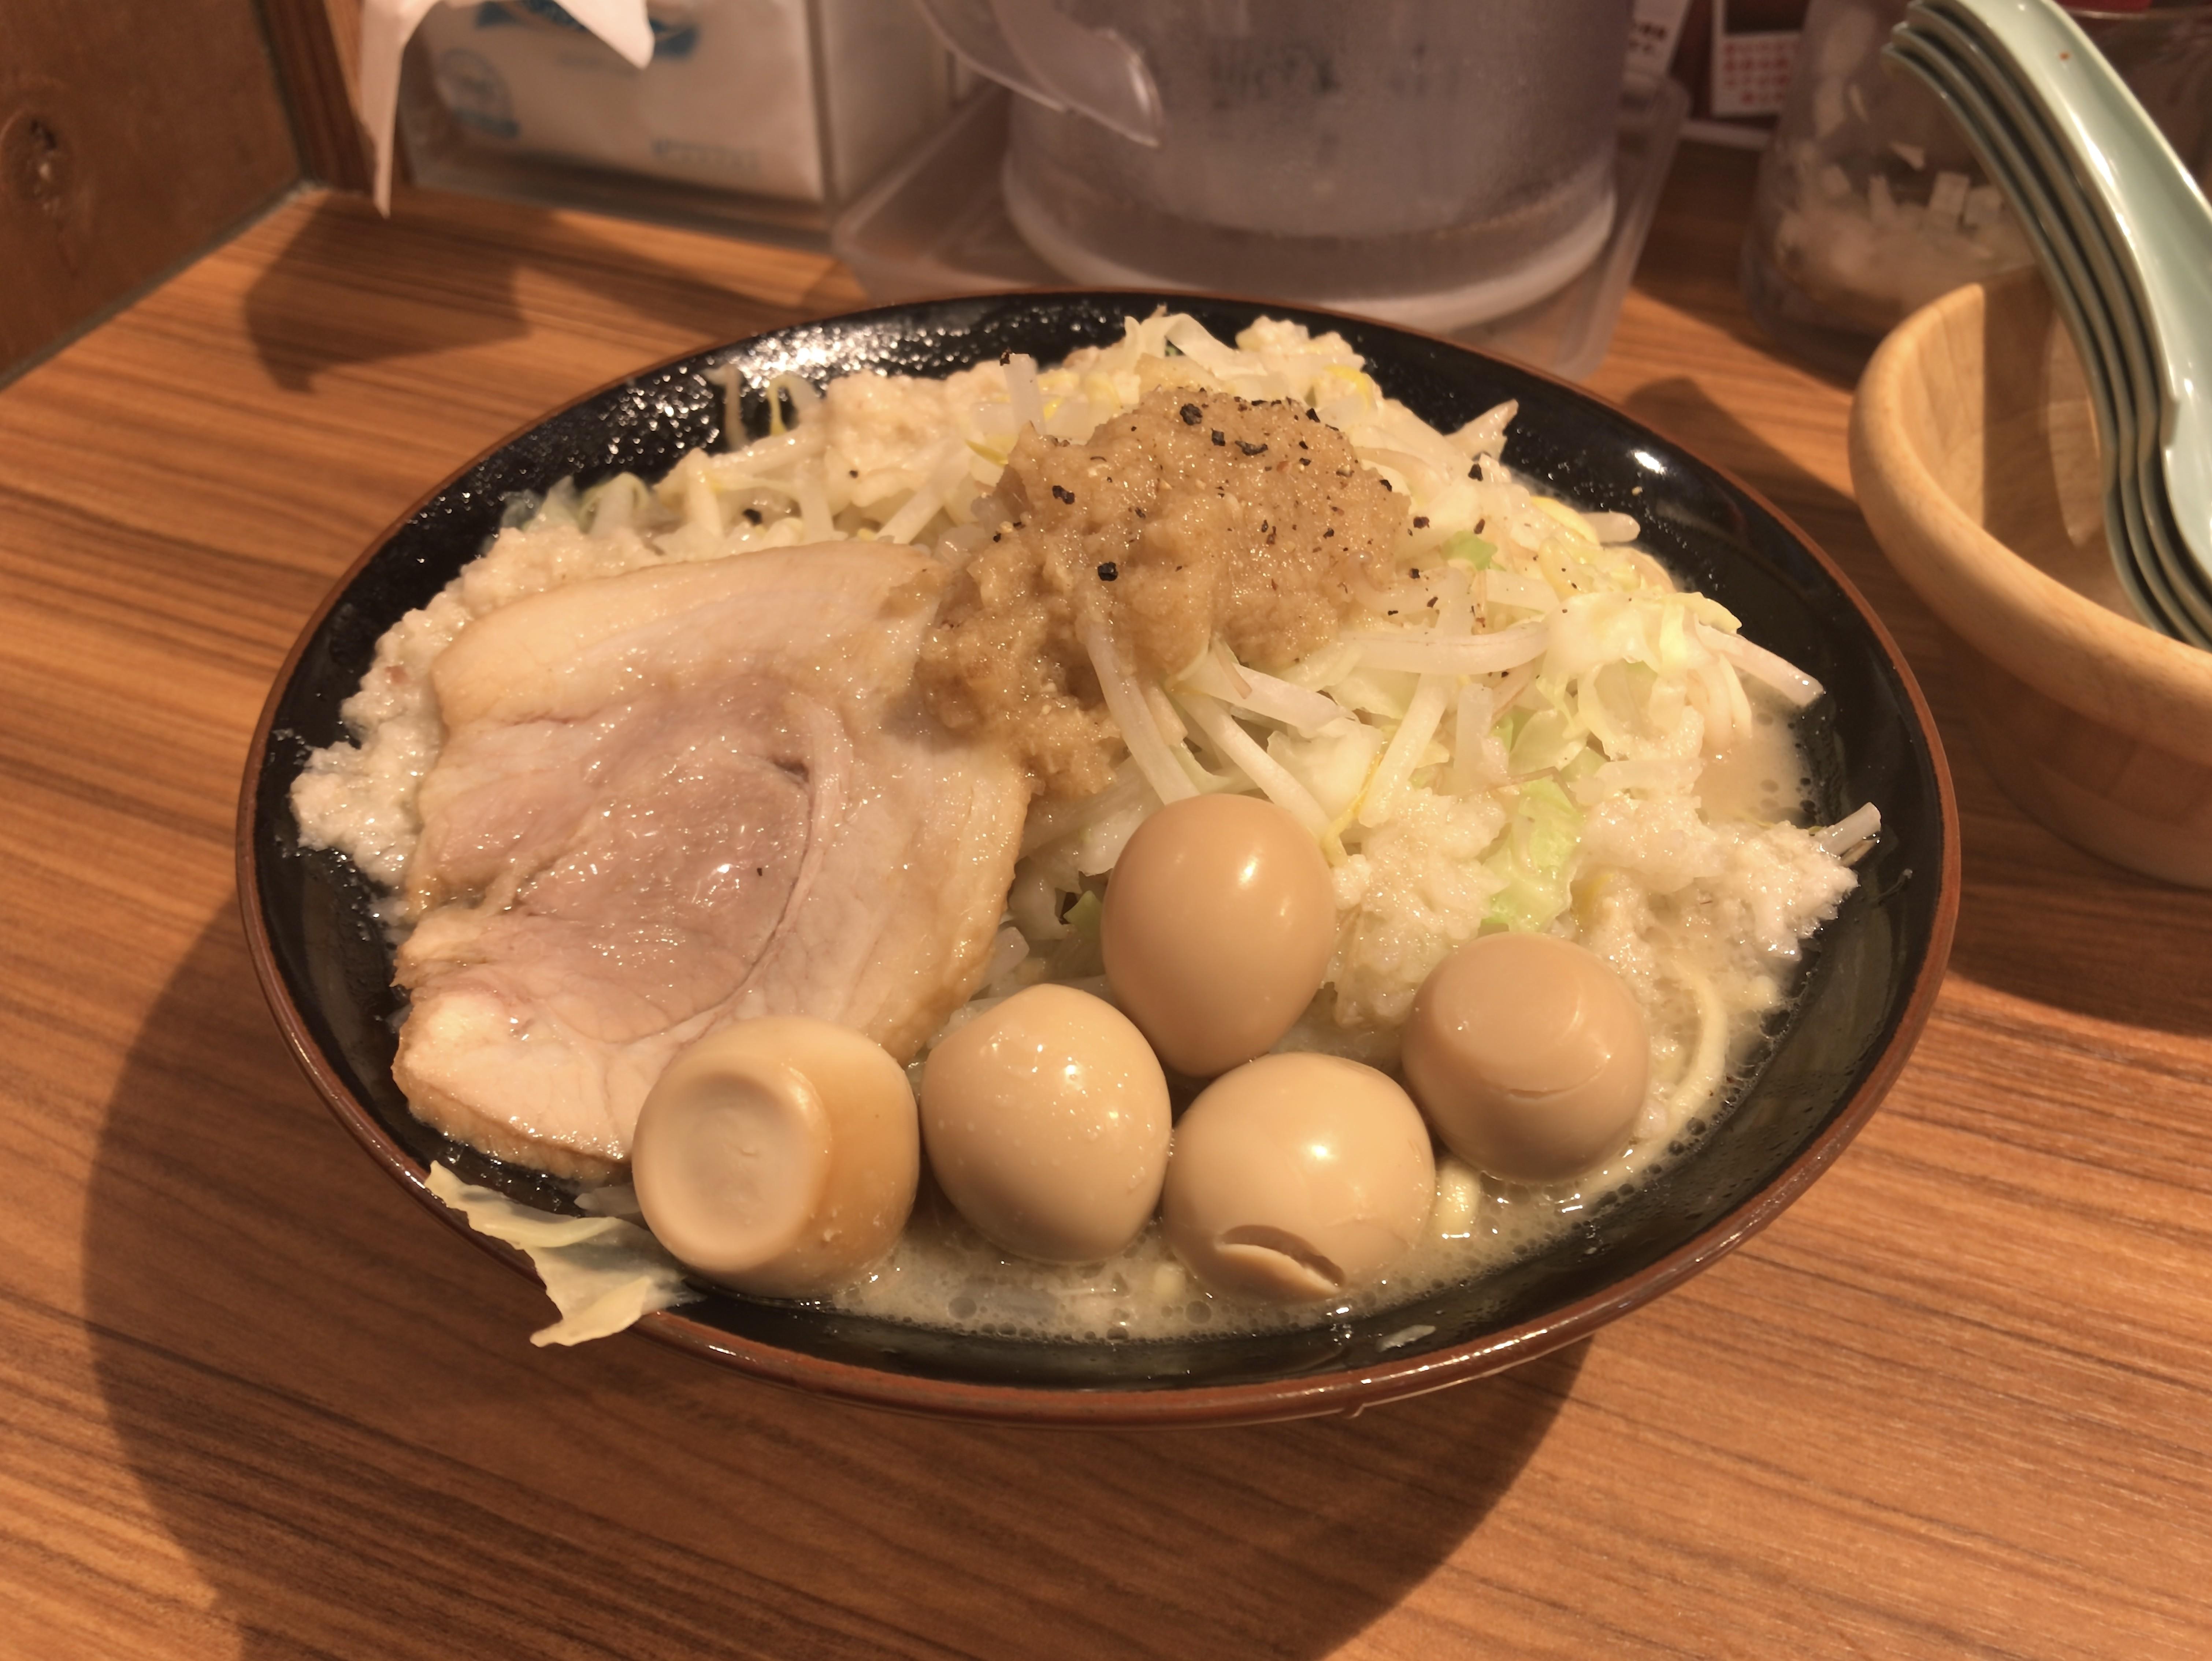 壱角家 塩壱郎ラーメン 税込み820円 うずら卵5個(クーポン)